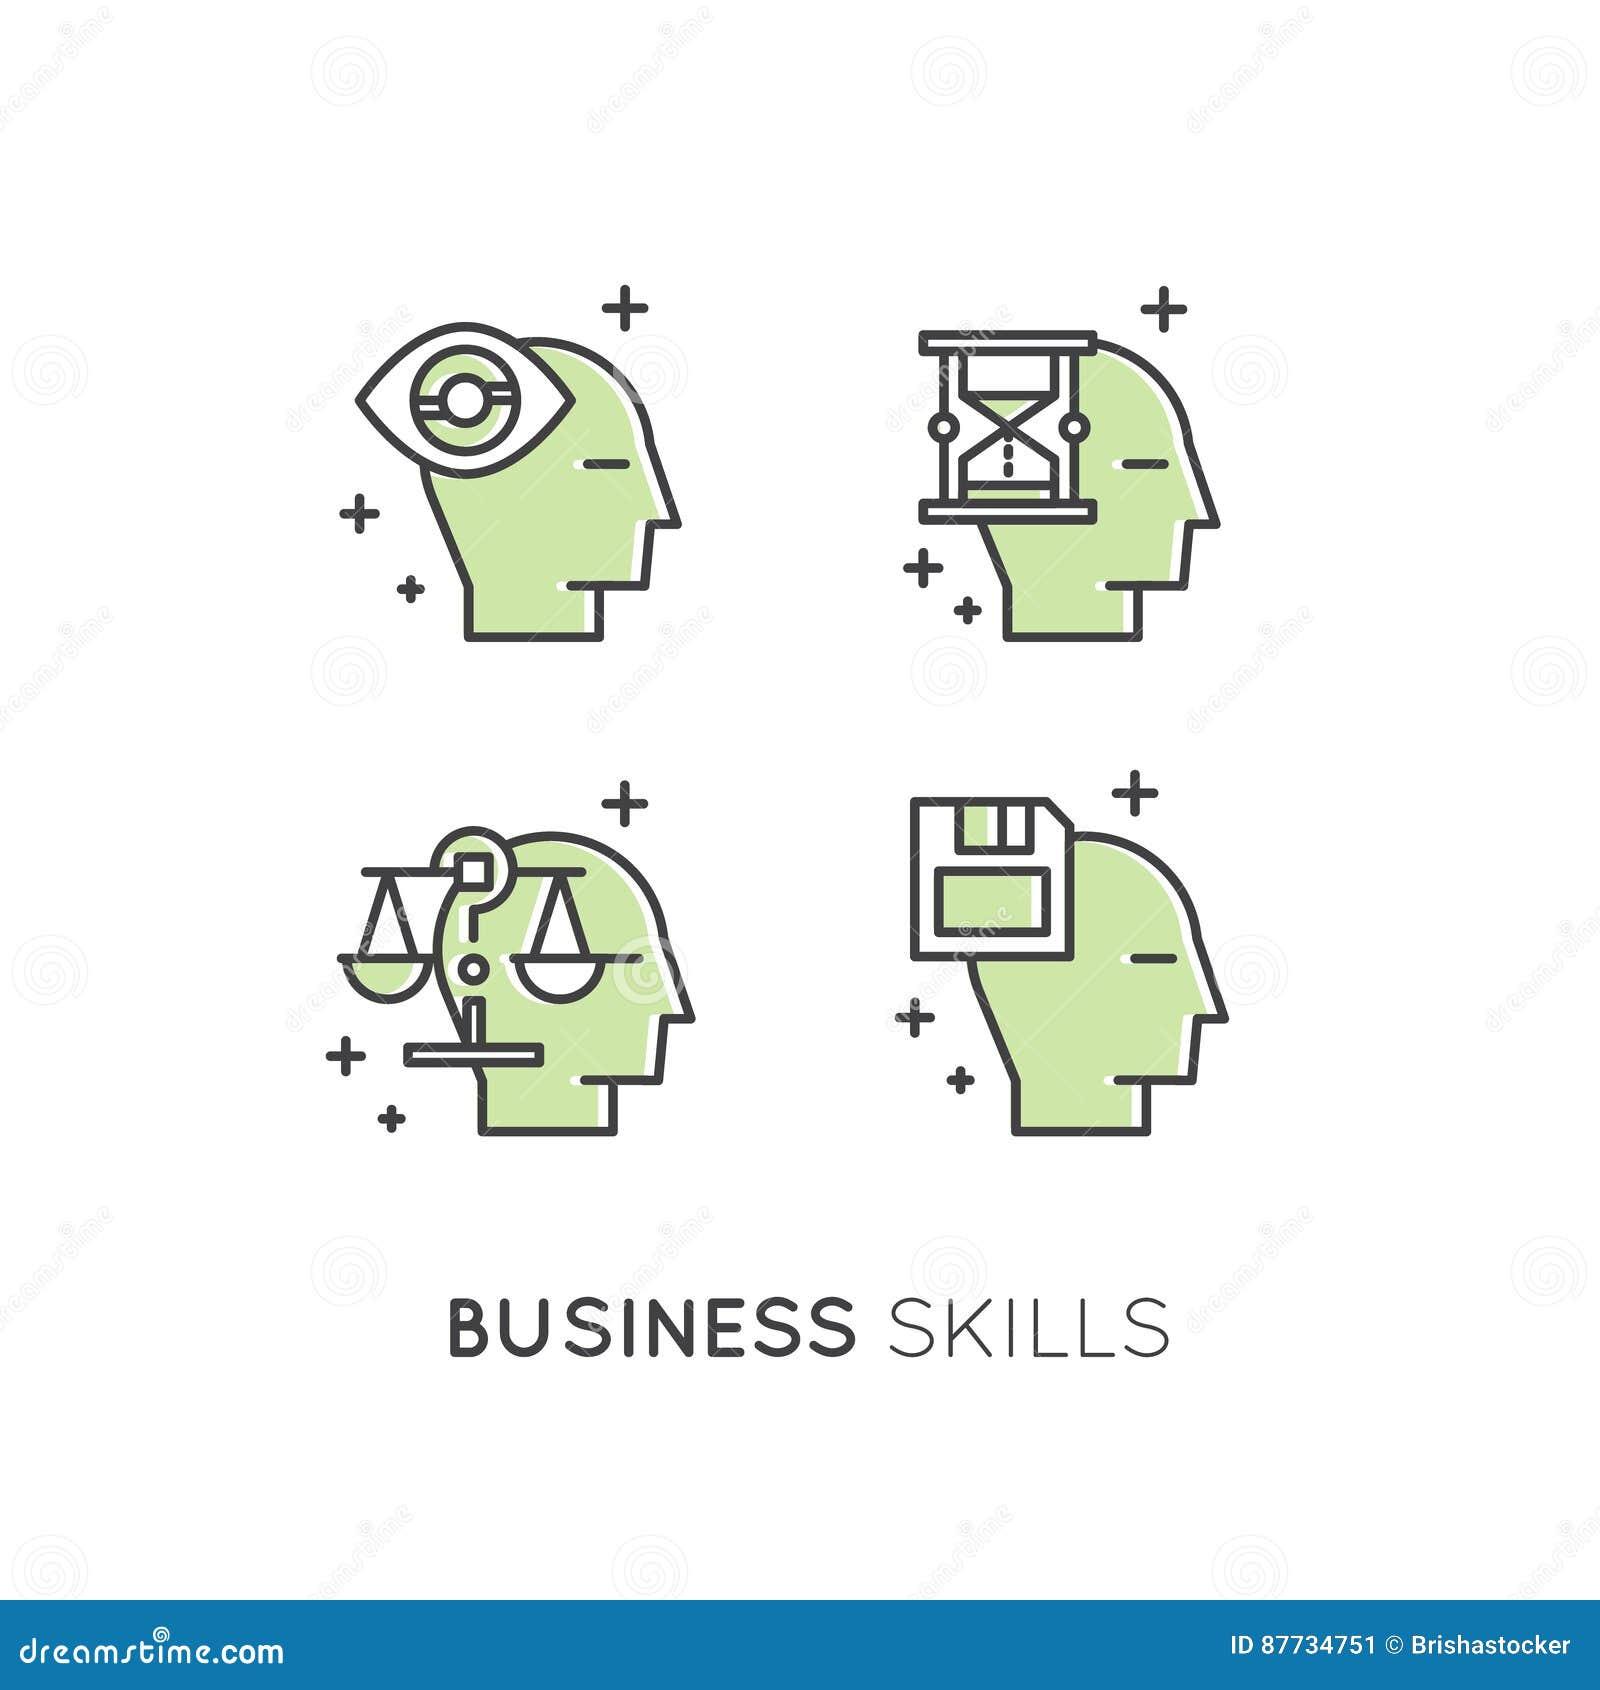 逻辑分析方法,管理,企业想法的技巧,政策制定,时间安排,记忆, Sitemap的例证,群策群力a